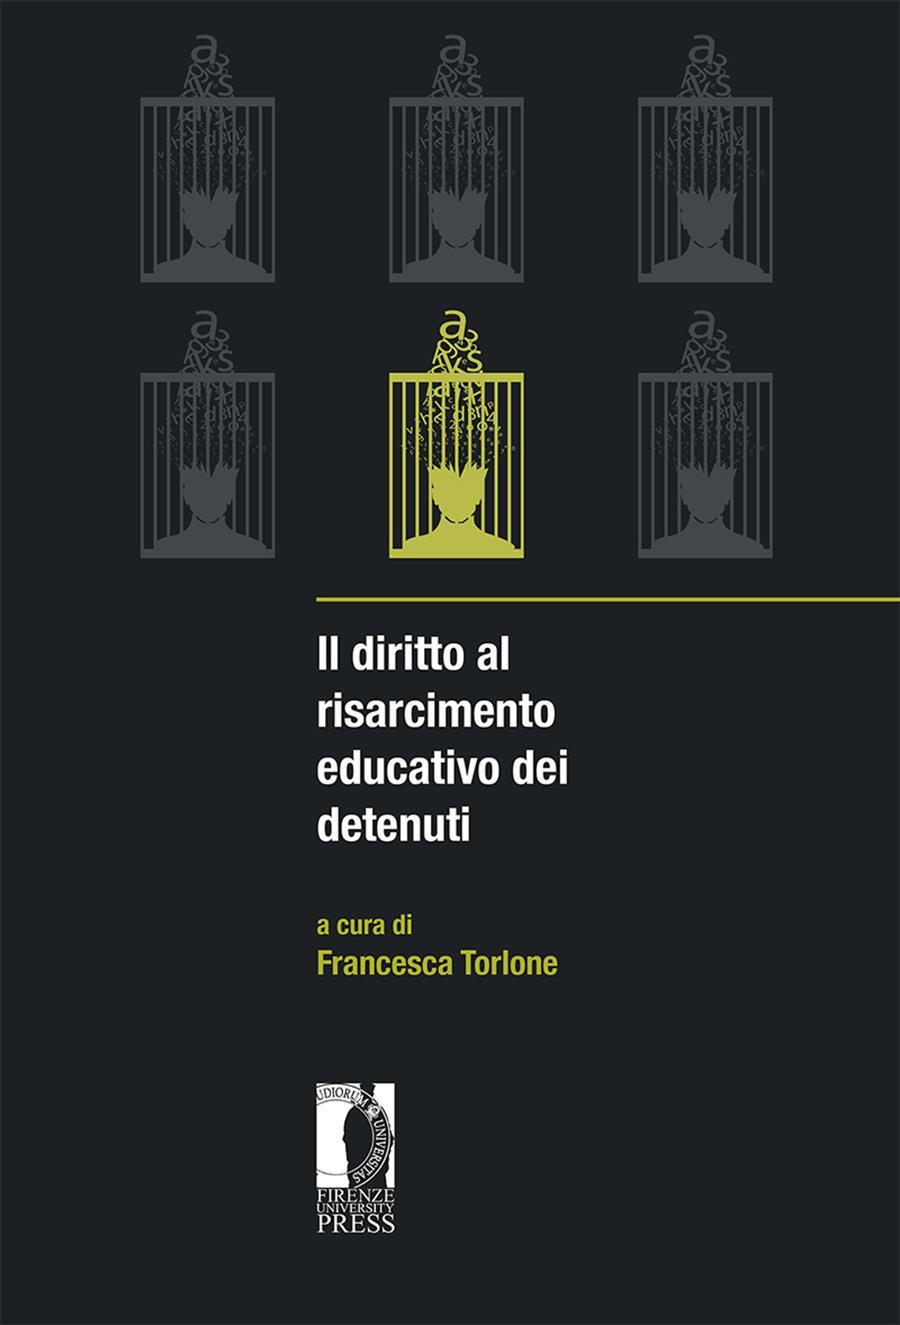 Il diritto al risarcimento educativo dei detenuti